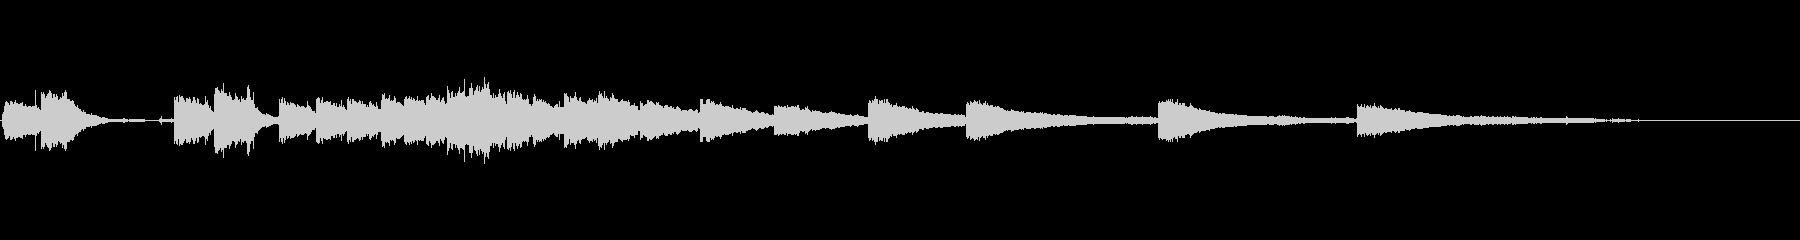 生音エレキギター6弦チューニング3エコーの未再生の波形